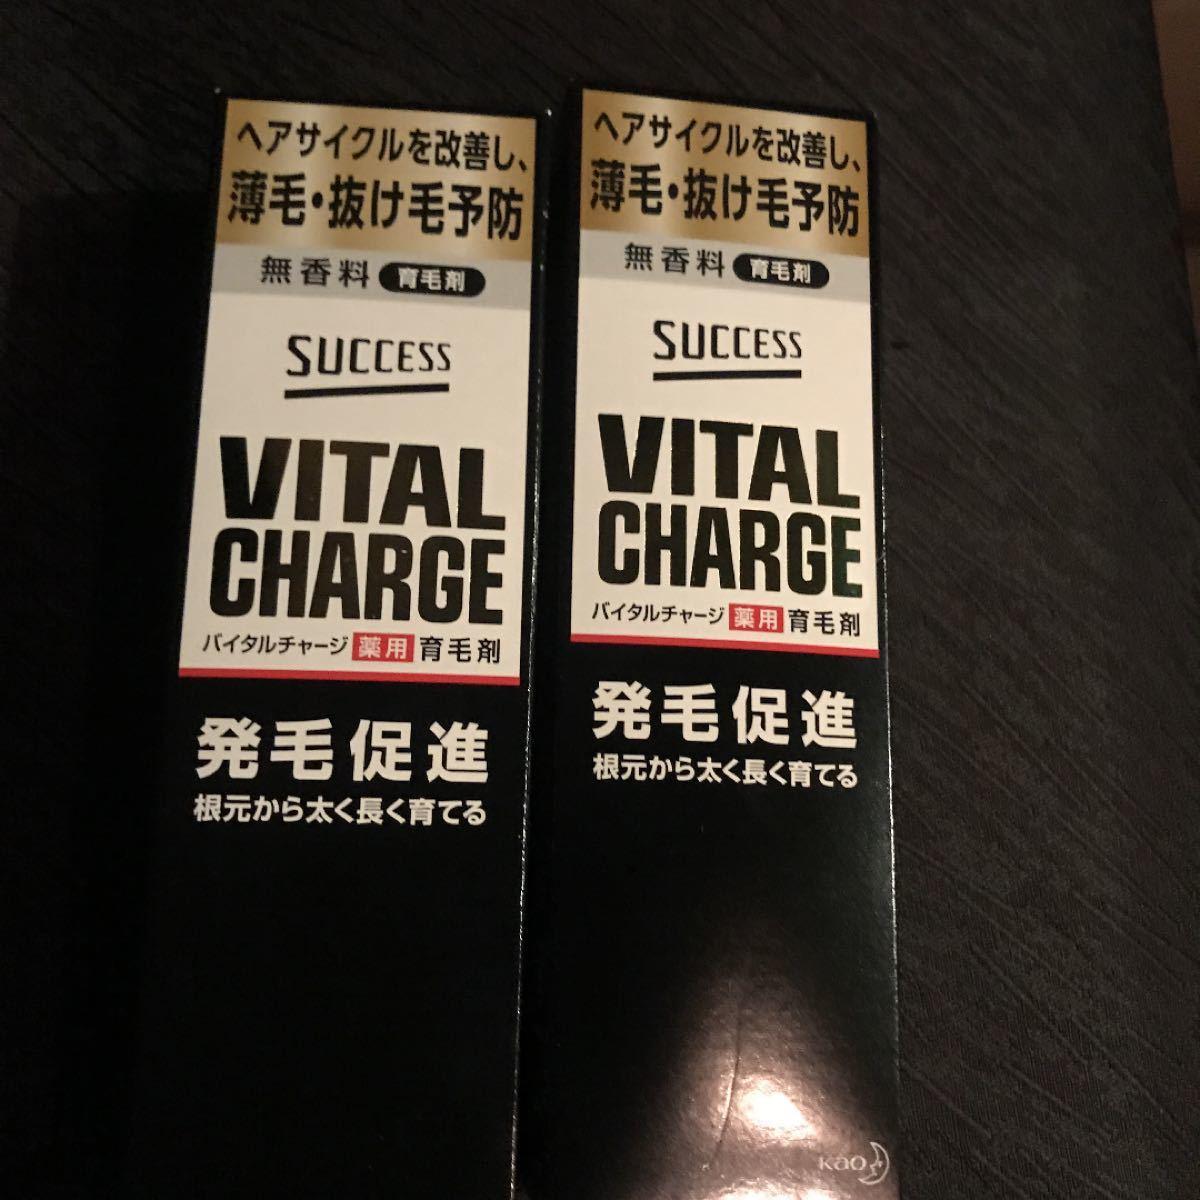 バイタルチャージ薬用育毛剤